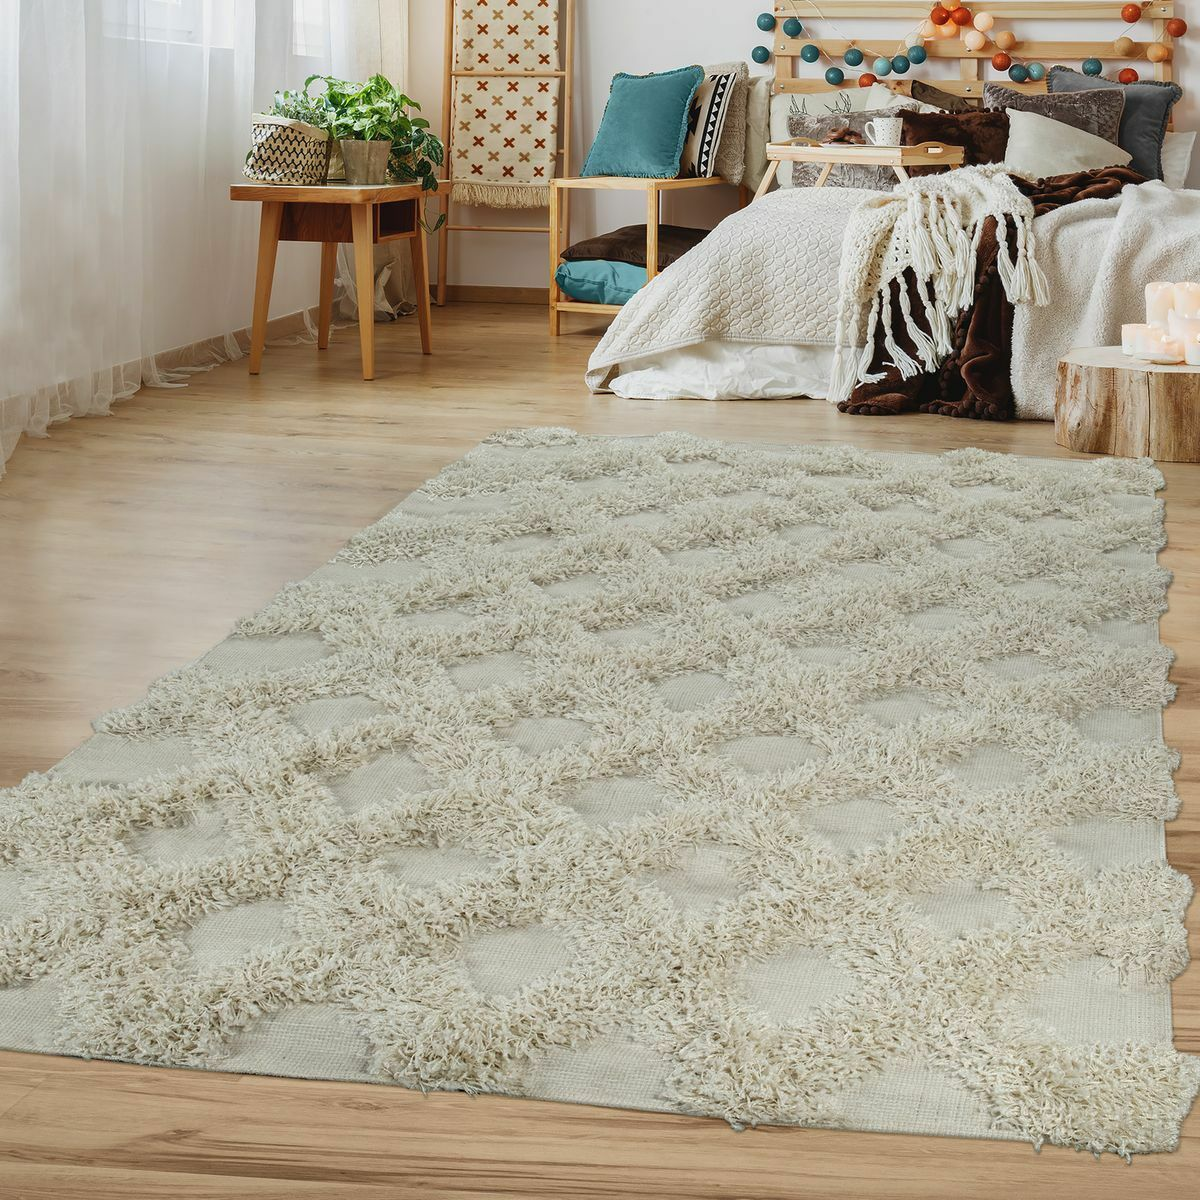 Hochflor Wohnzimmer Teppich Karo Muster Einfarbig Geometrisches Geometrisches Geometrisches Design Creme 41109d